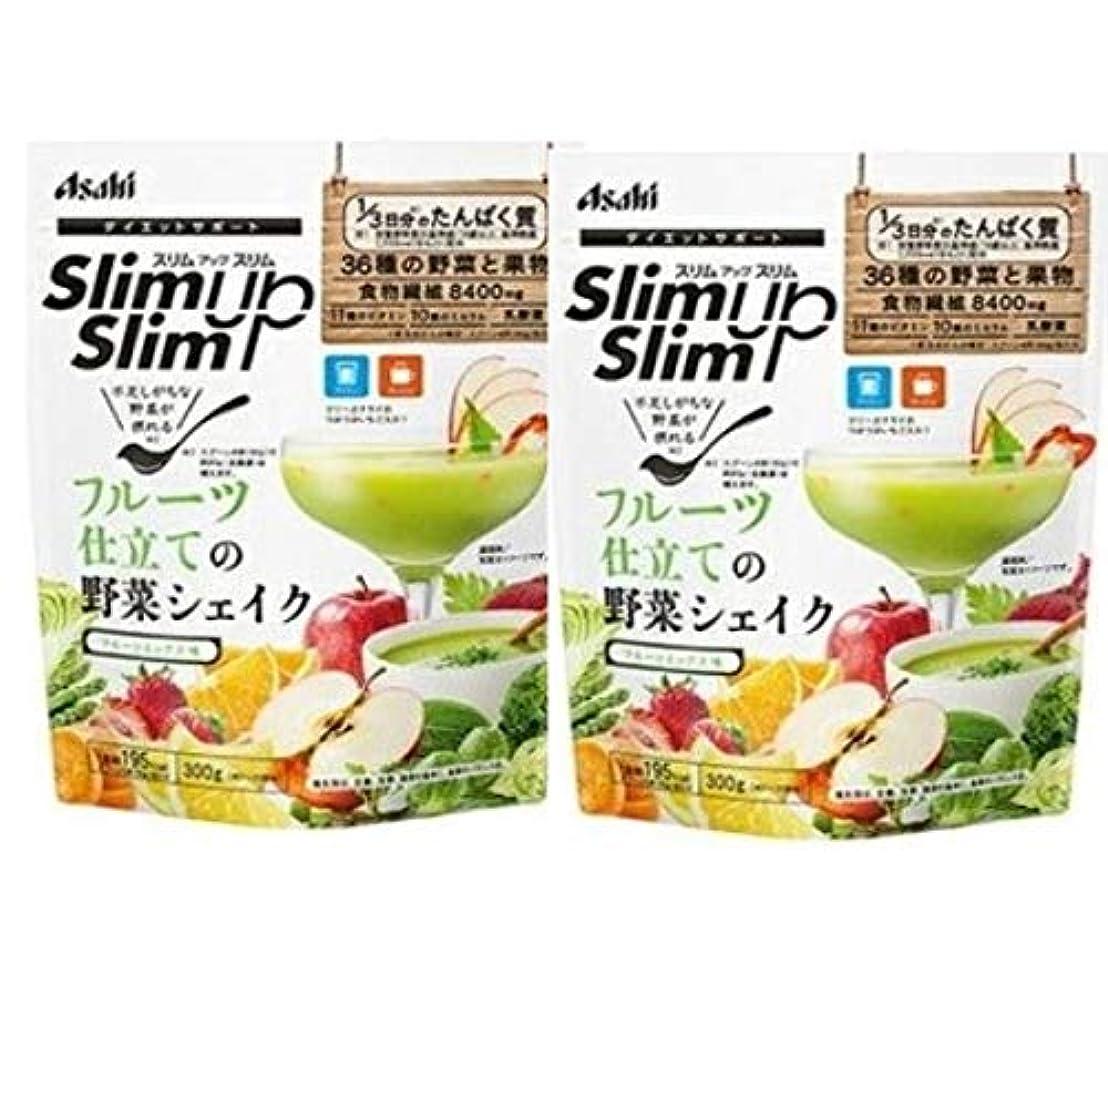 矩形ばかげている検査【2個セット】スリムアップスリム フルーツ仕立ての野菜シェイク フルーツミックス味 300g